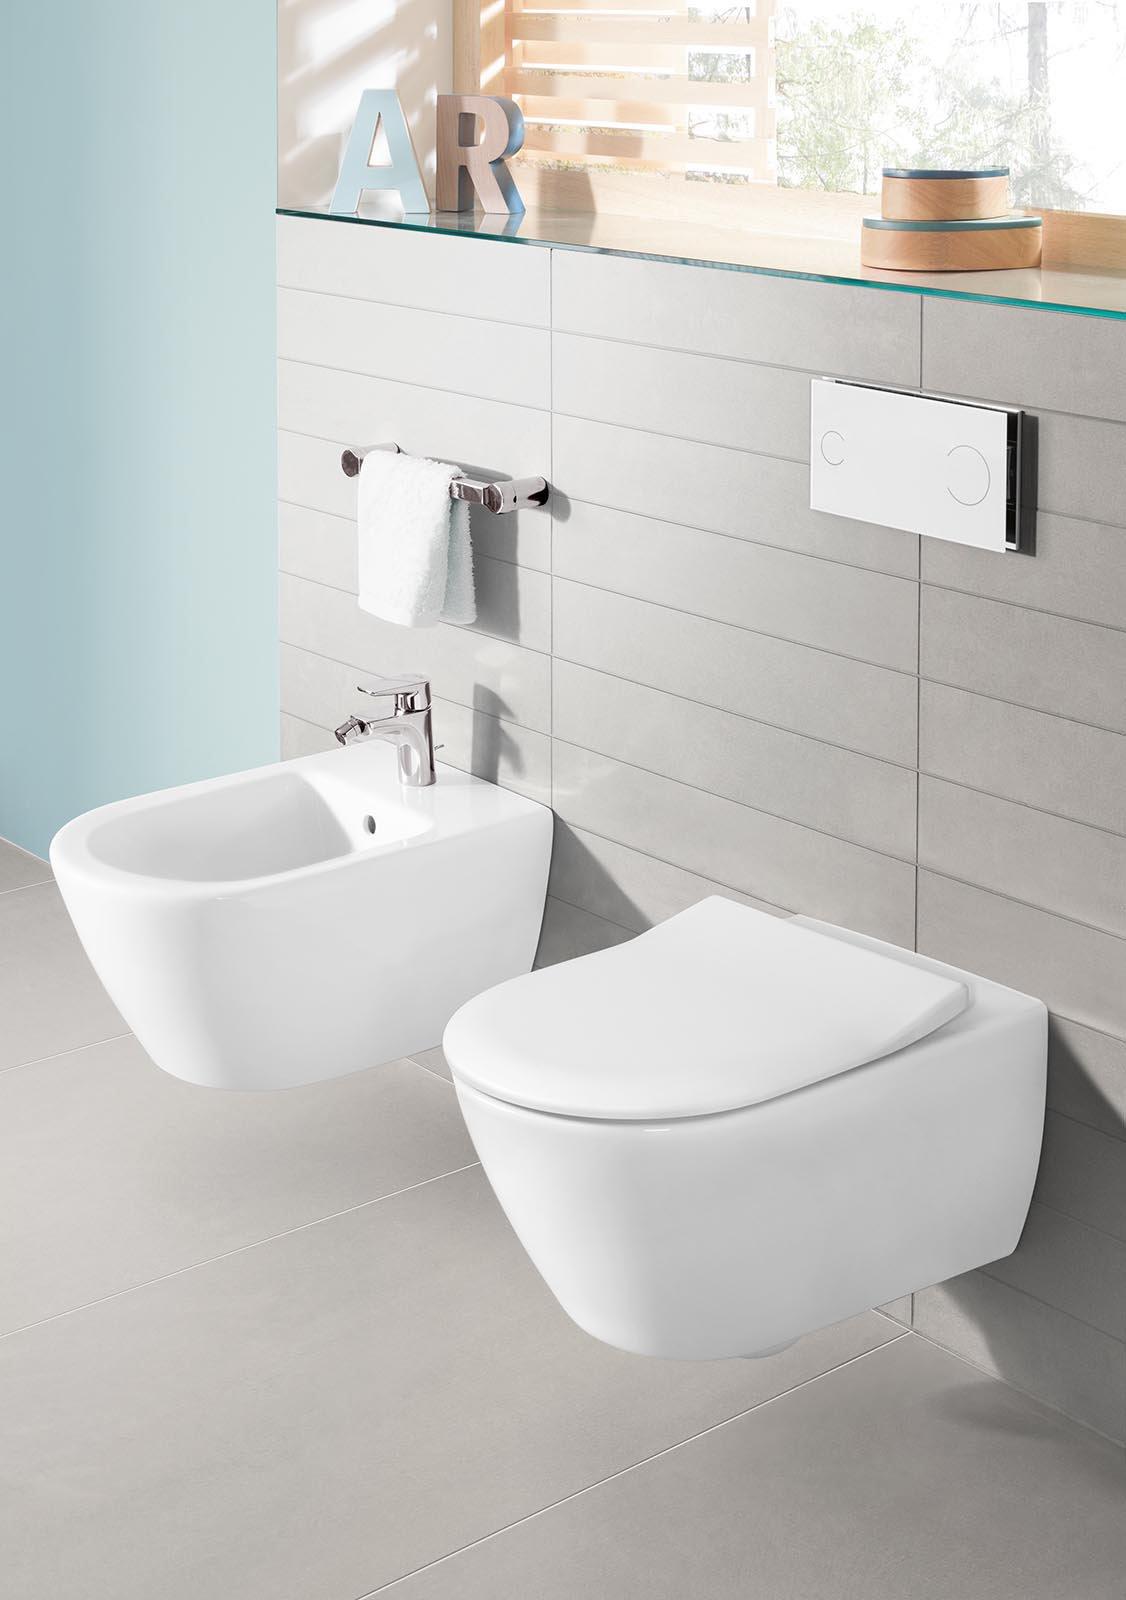 Sanitari sospesi per un bagno contemporaneo  Cose di Casa